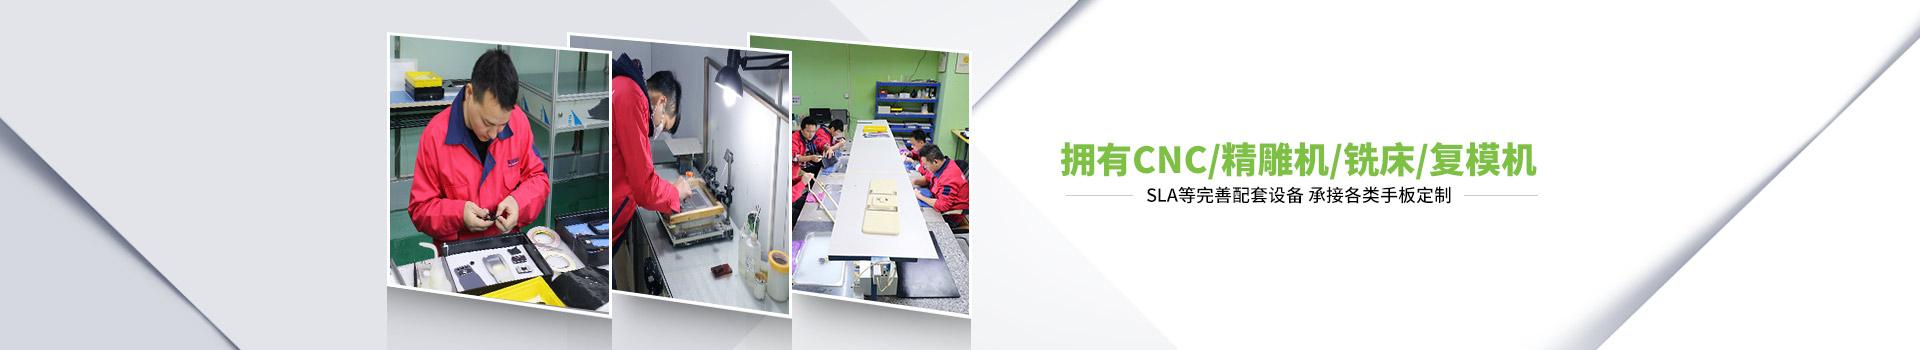 铭美拥有CNC/精雕机/铣床/复模机